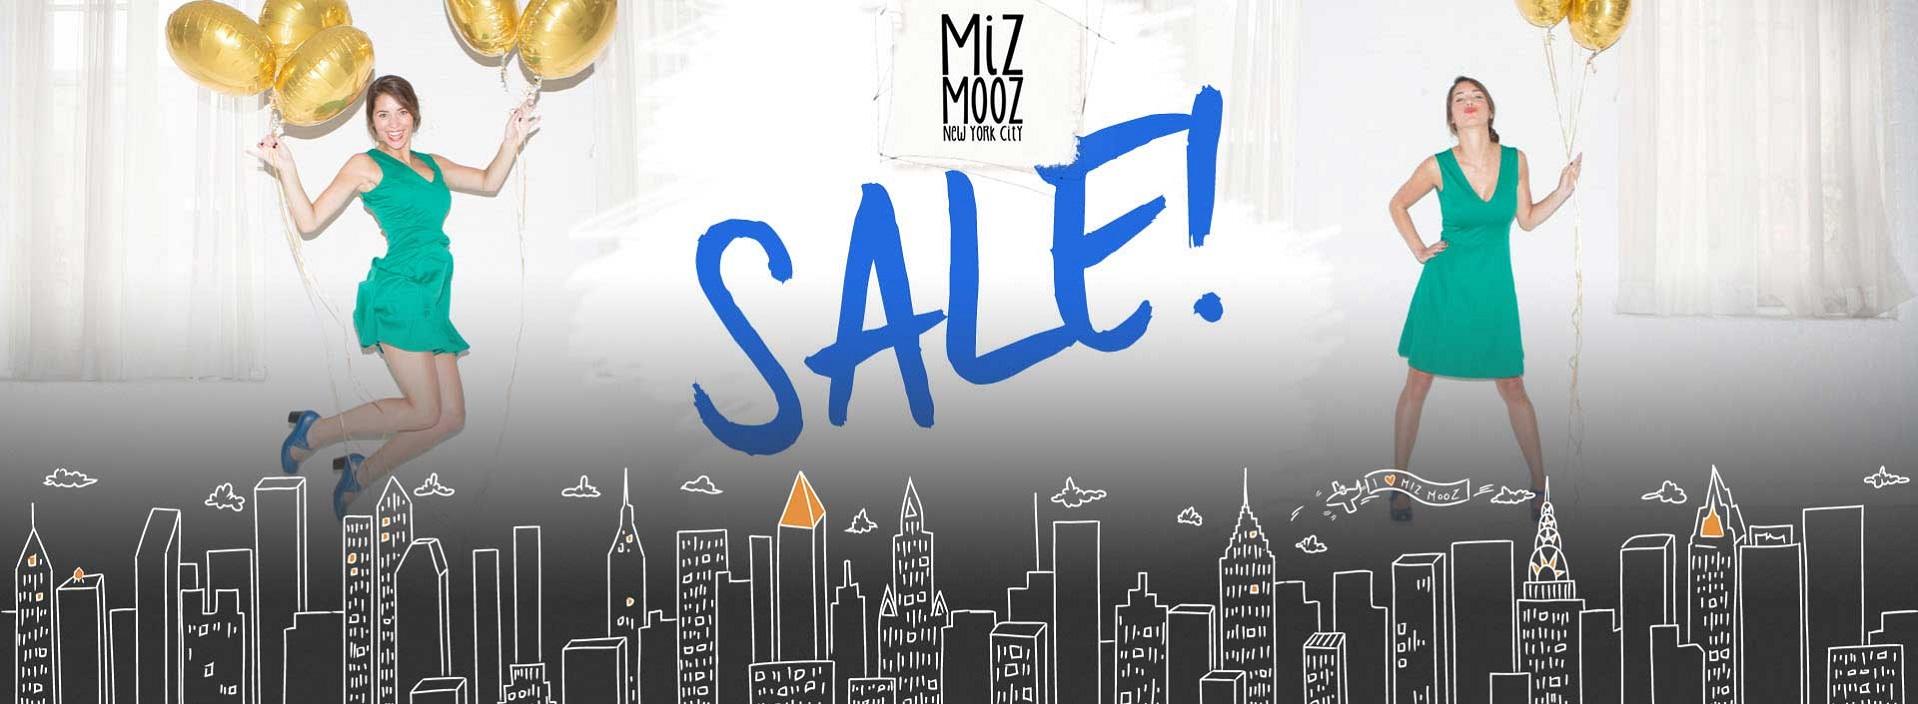 Thông tin tổng quan, khó khăn và kết quả đạt được của dự án Miz-Mooz